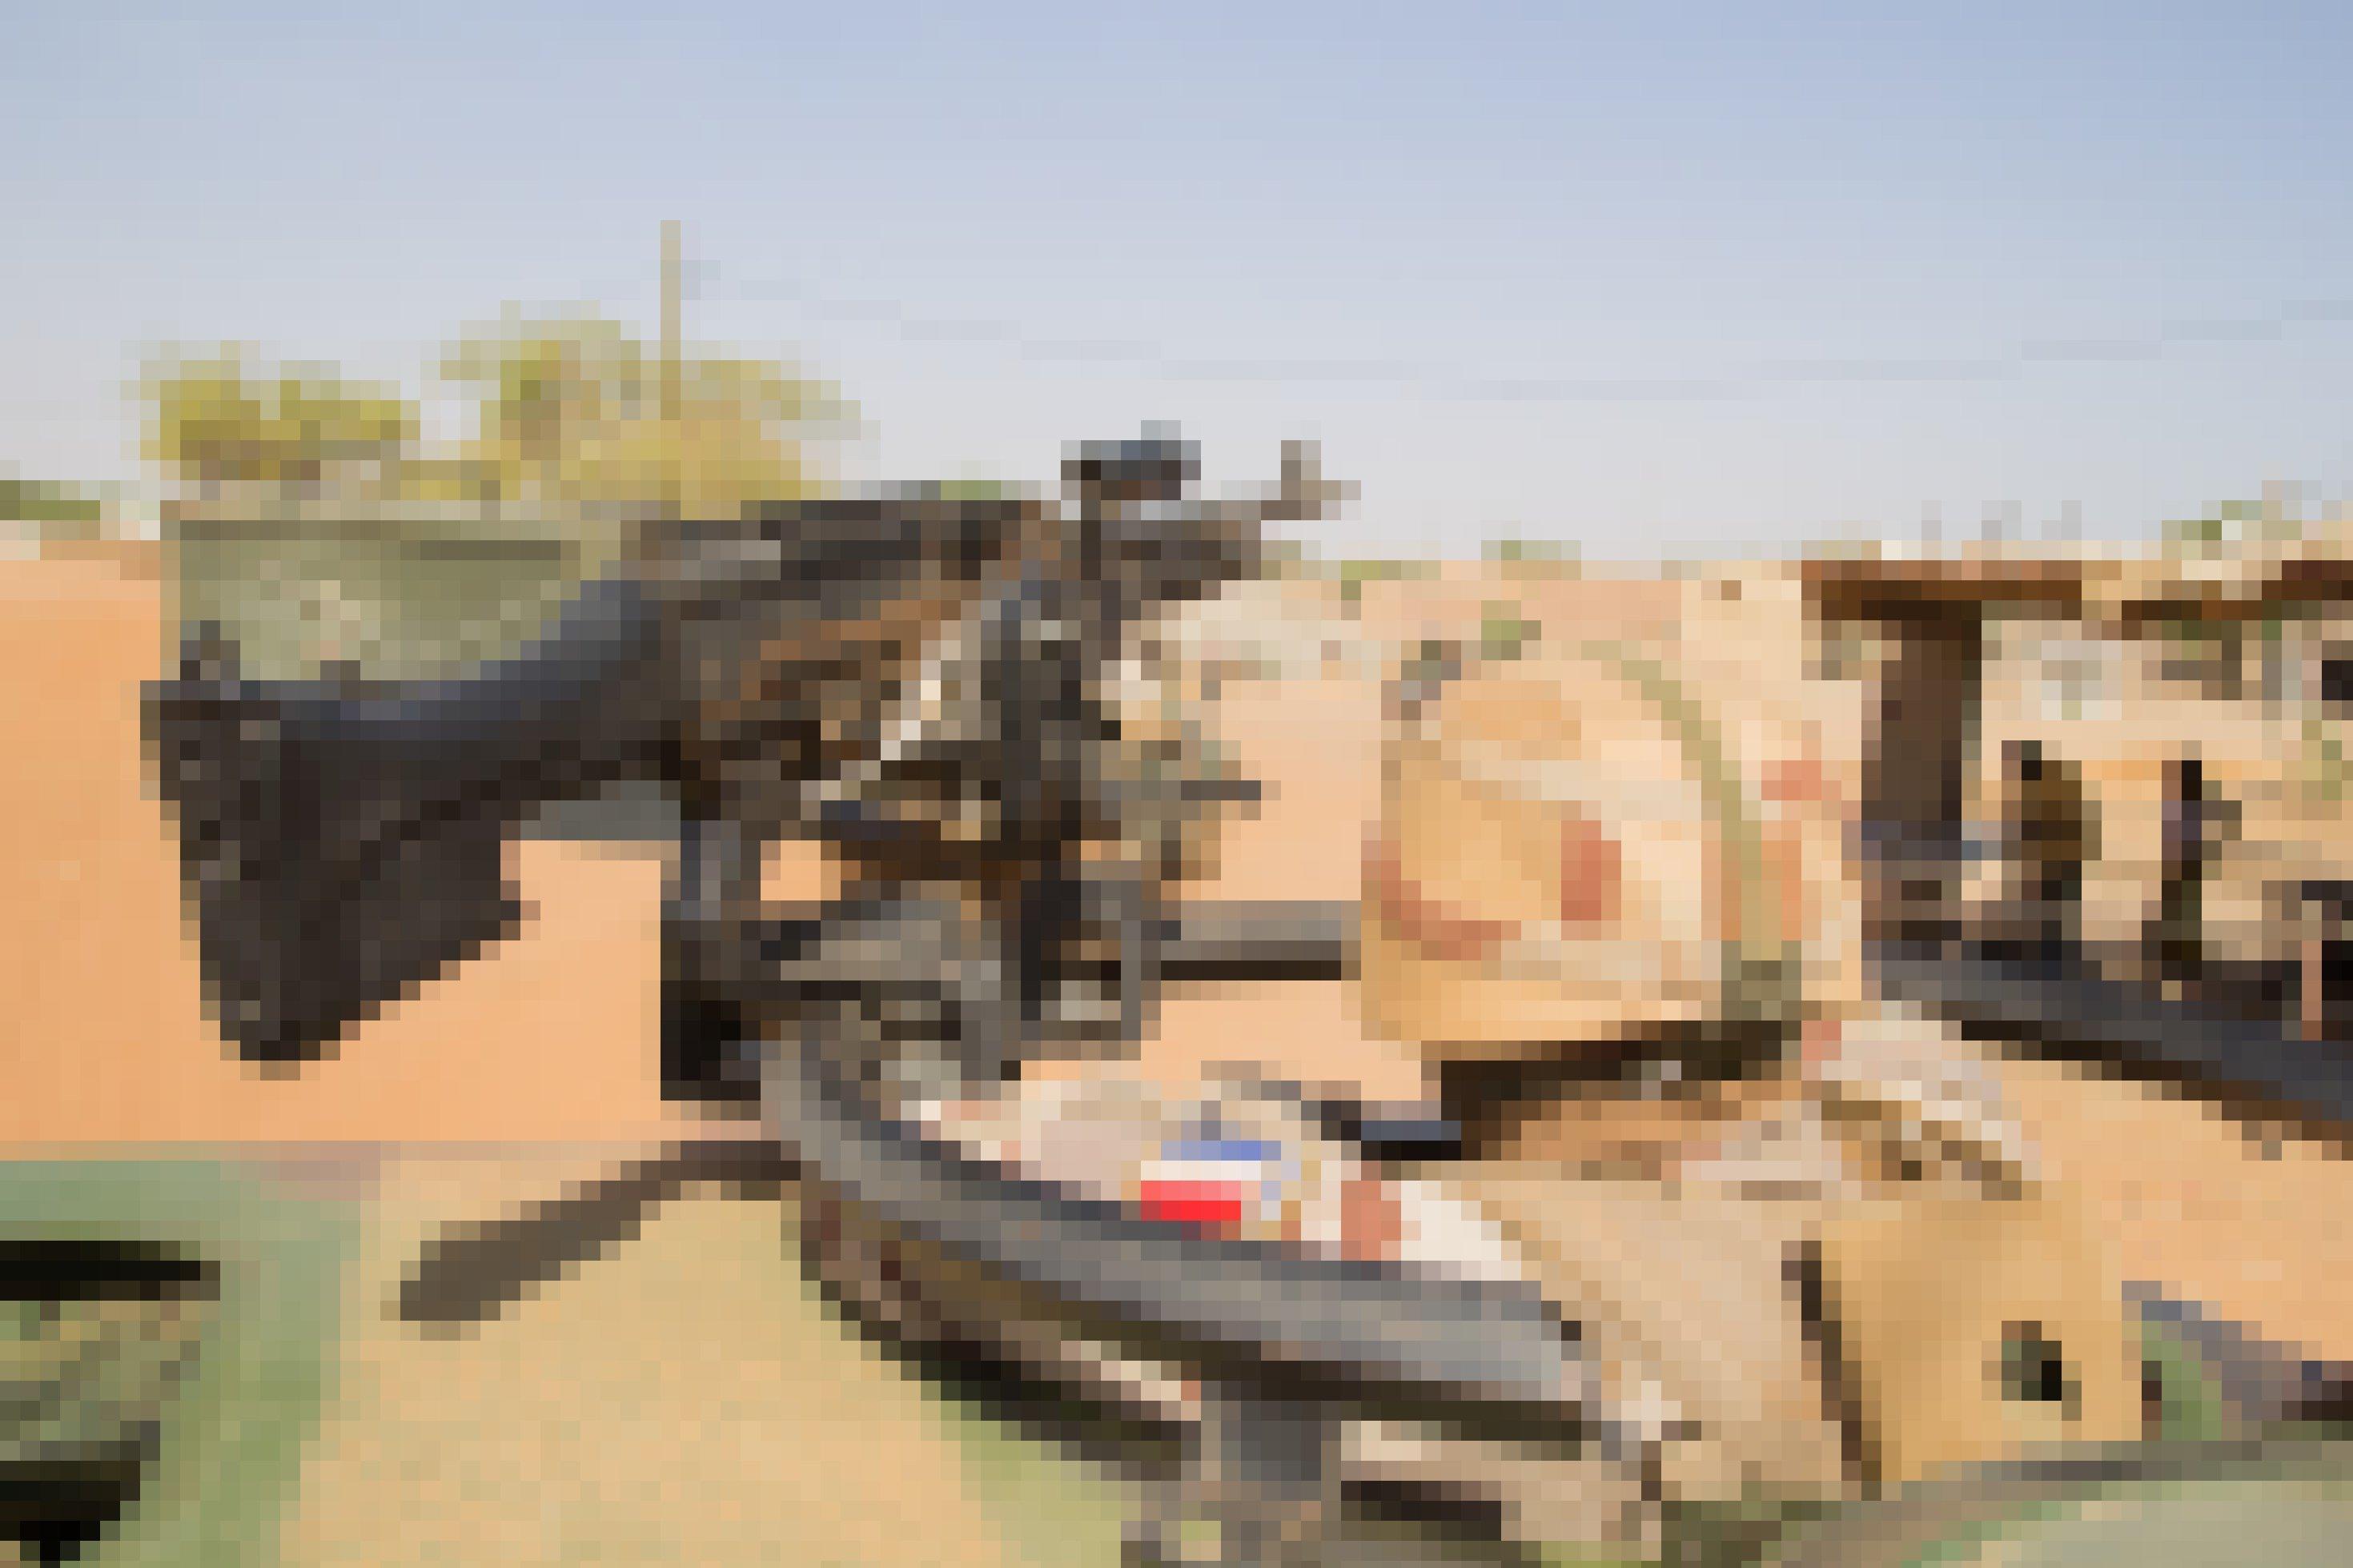 Man guckt einem französischen Soldaten praktisch über die Schulter, er selbst steht im Ausguck eines Panzers, am Geschütz. Das Geschütz ist auf dem Bild nach rechts gerichtet, dort sind auch Zivilisten zu sehen.